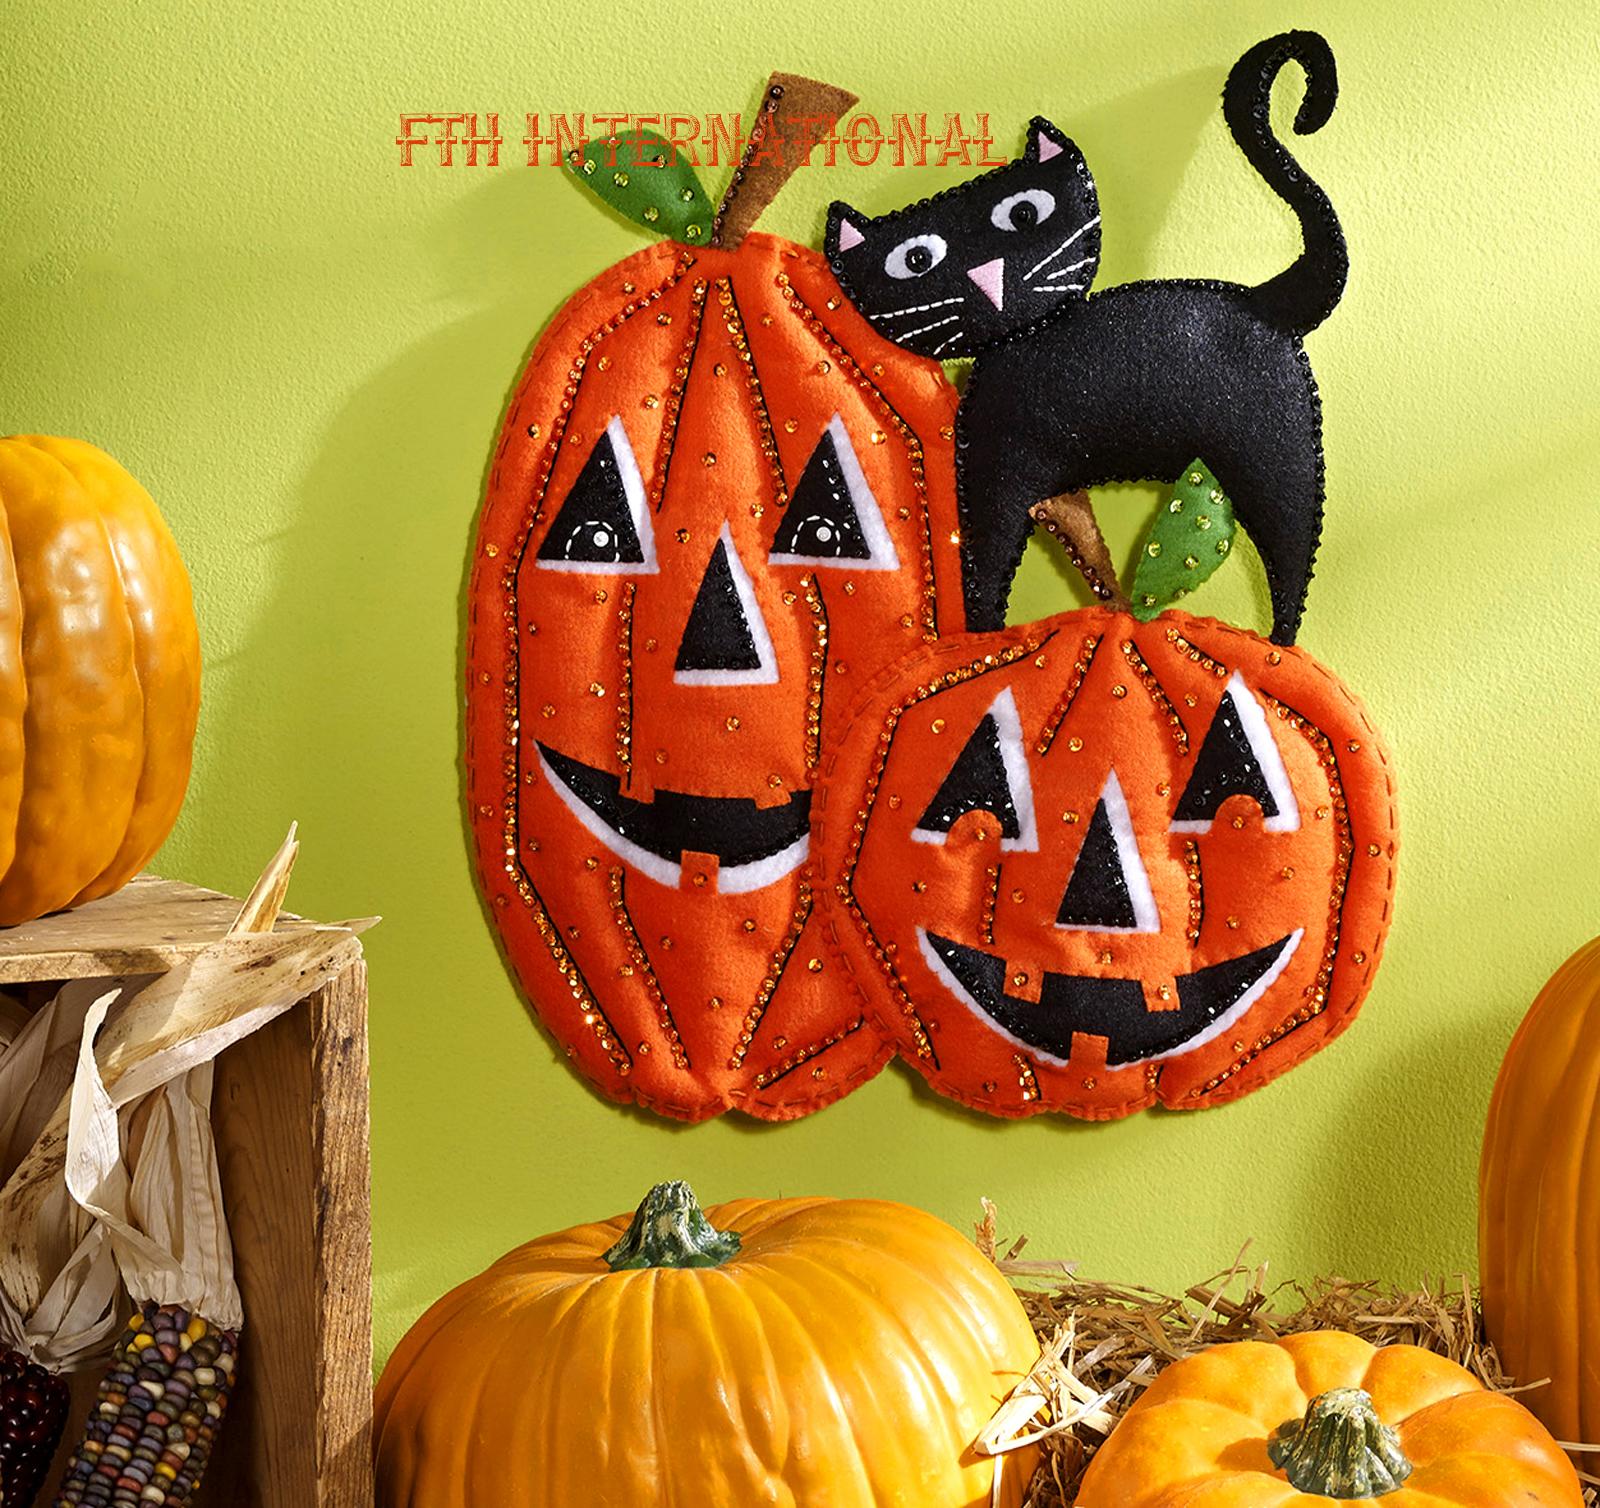 pumpkins ~ bucilla felt halloween holiday wall hanging kit #86692